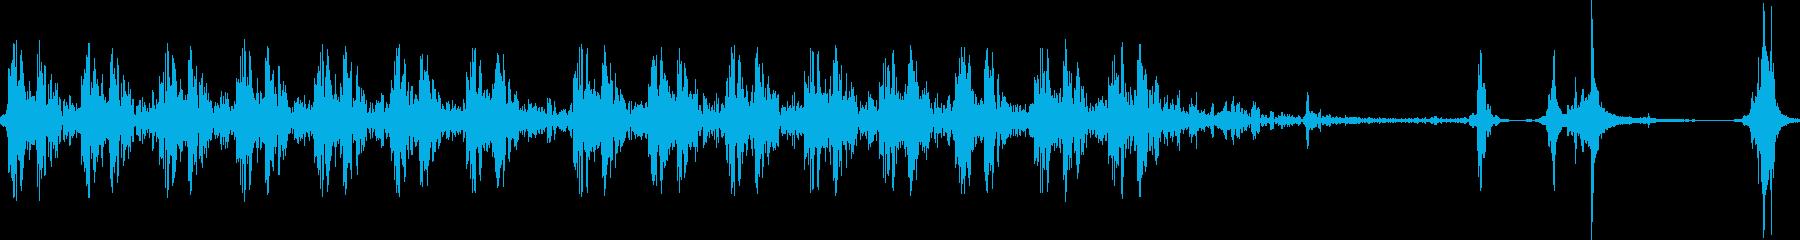 銃声 装填音の再生済みの波形